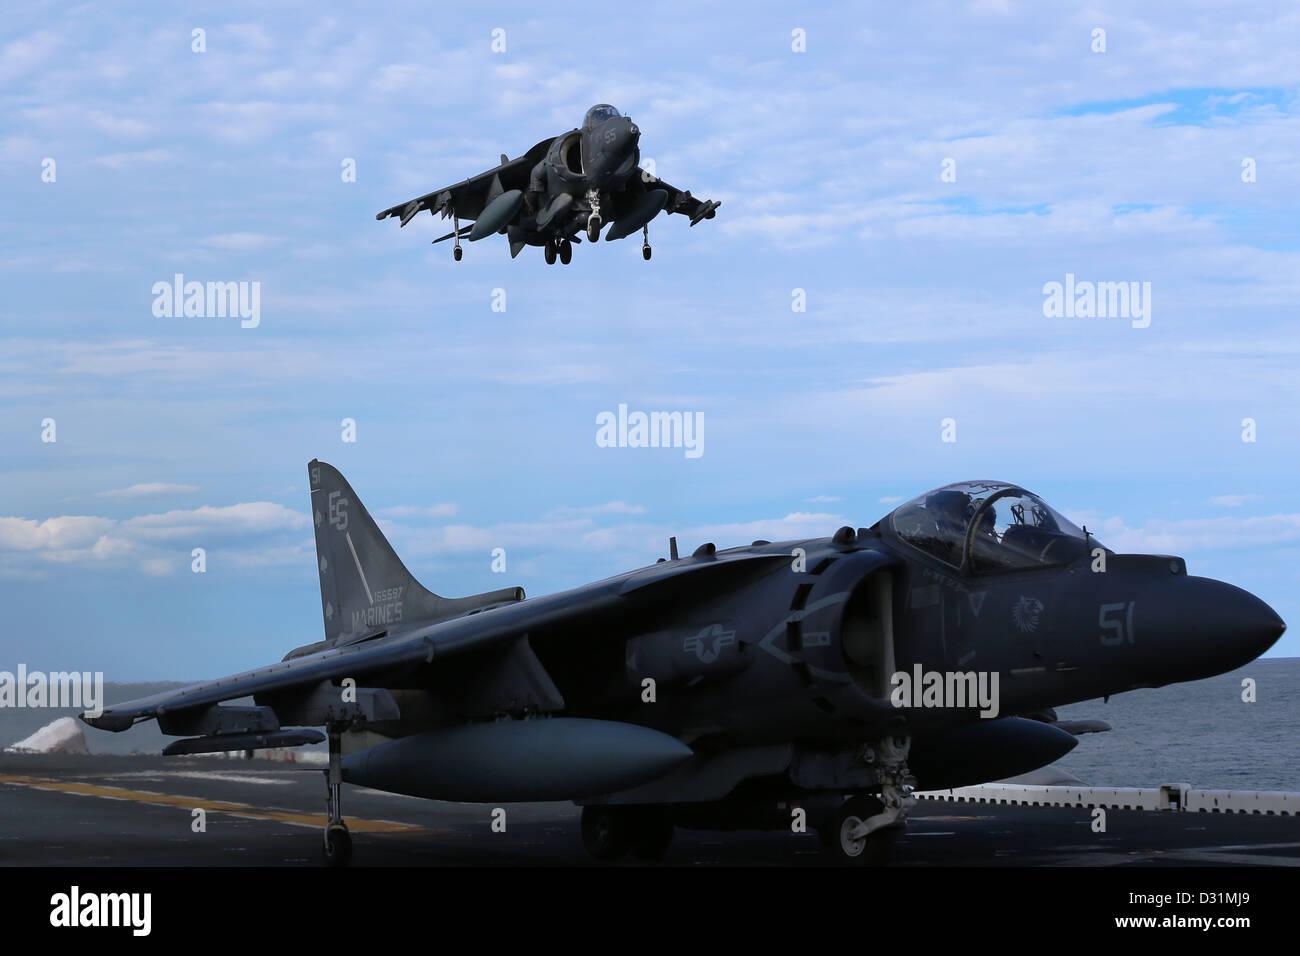 An AV-8B Harrier from Marine Medium Tiltrotor Squadron (VMM) 266 (Rein